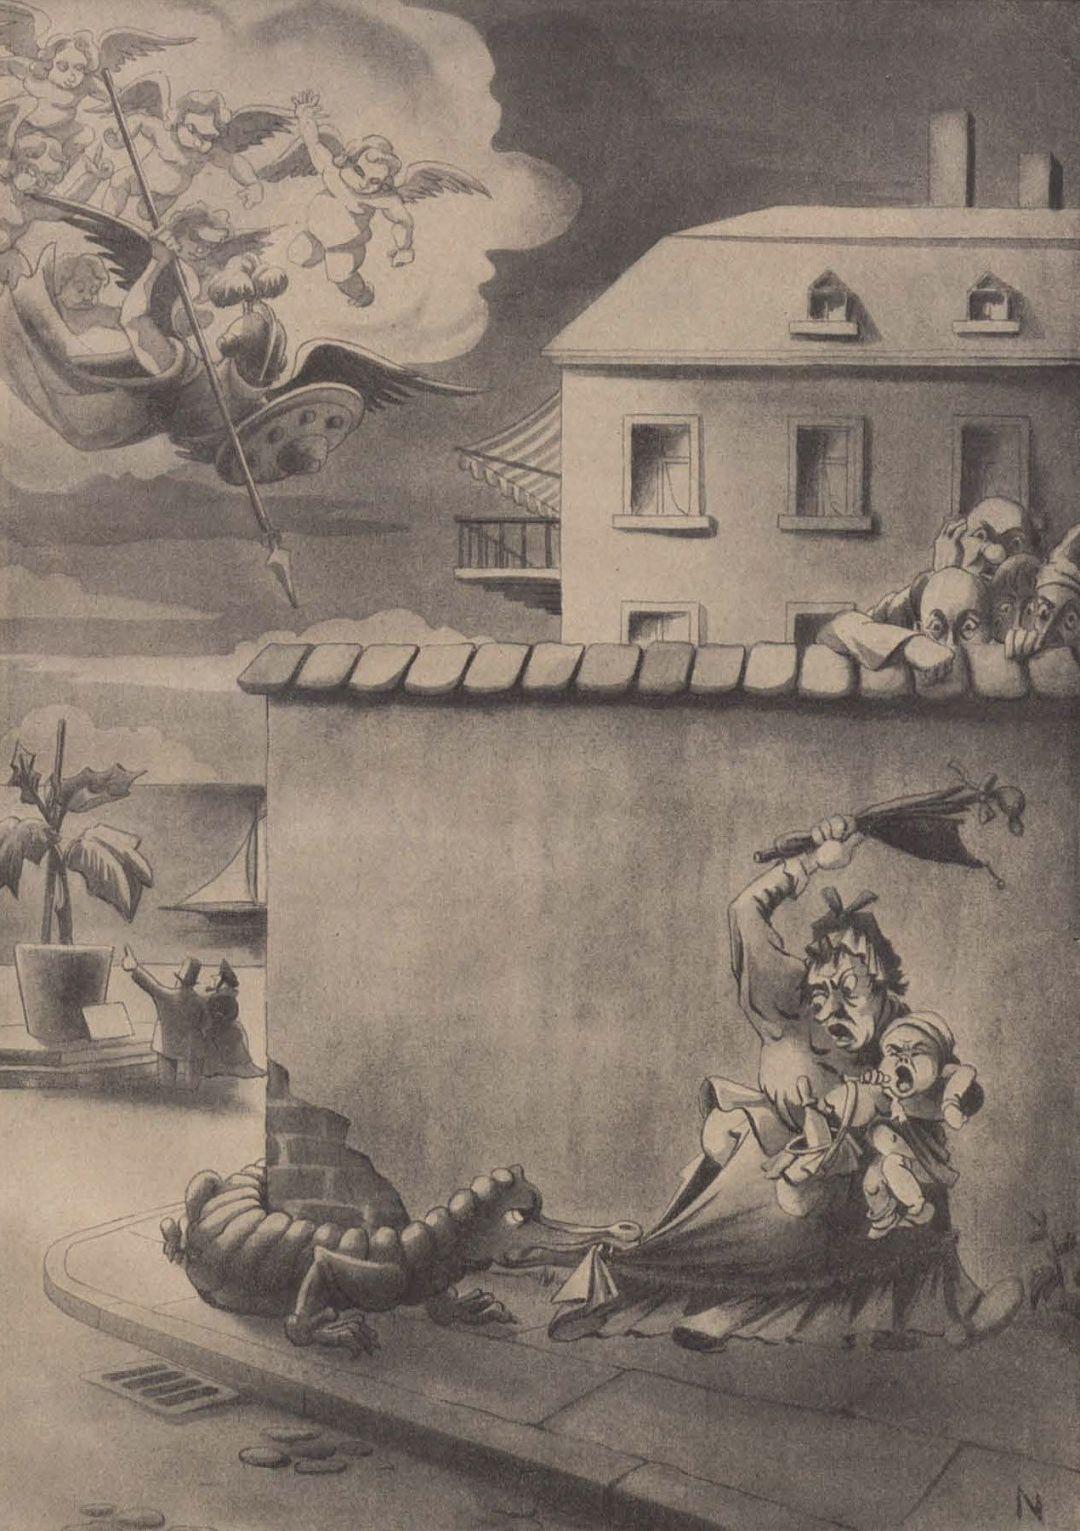 (1942) Lucha de dragones